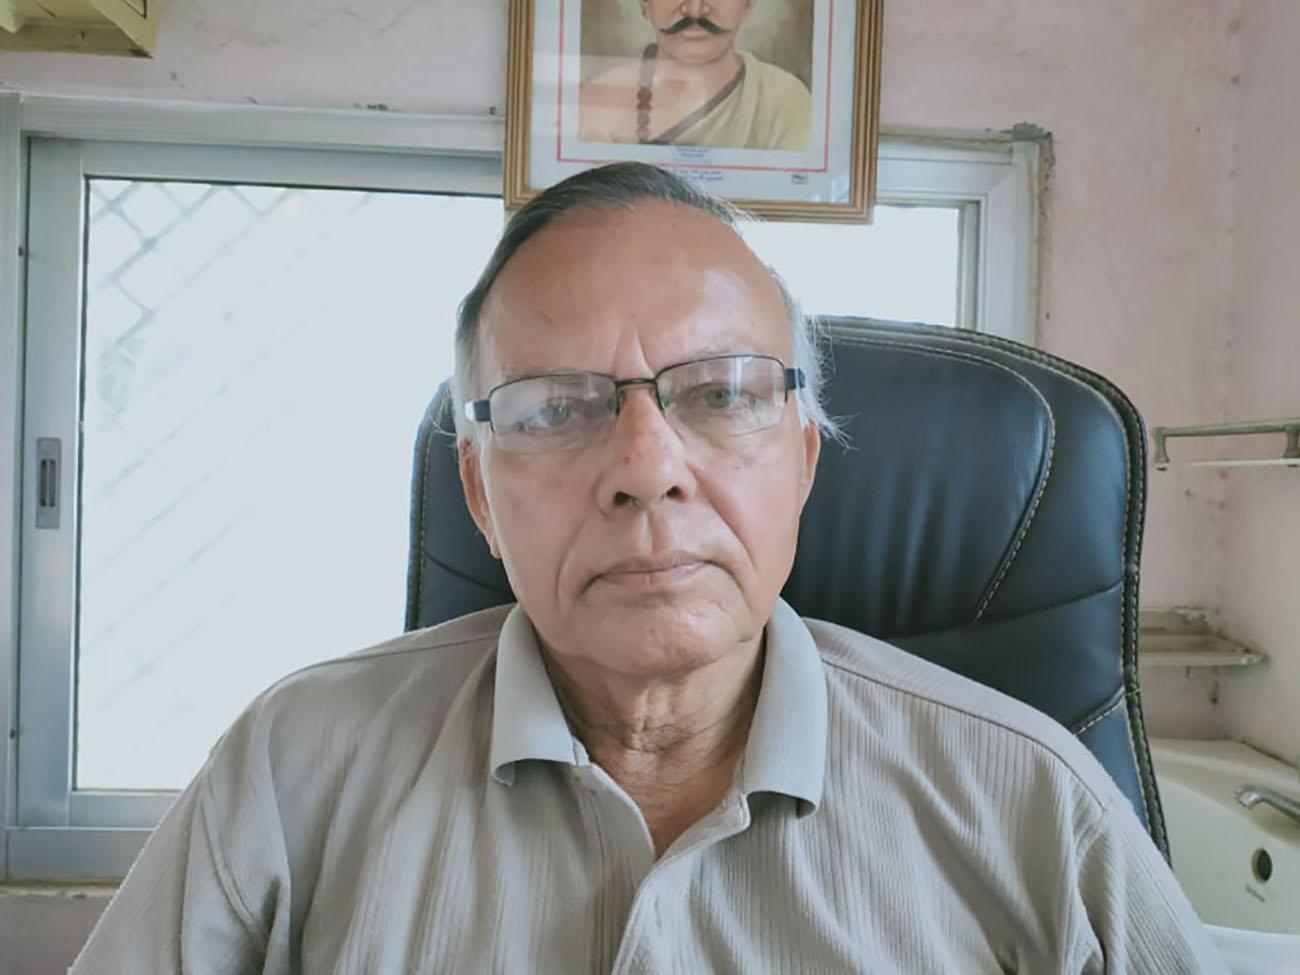 मैथिली भाषाका साहित्यकार 'भ्रमर' : हरेक विधामा पुस्तक प्रकाशन